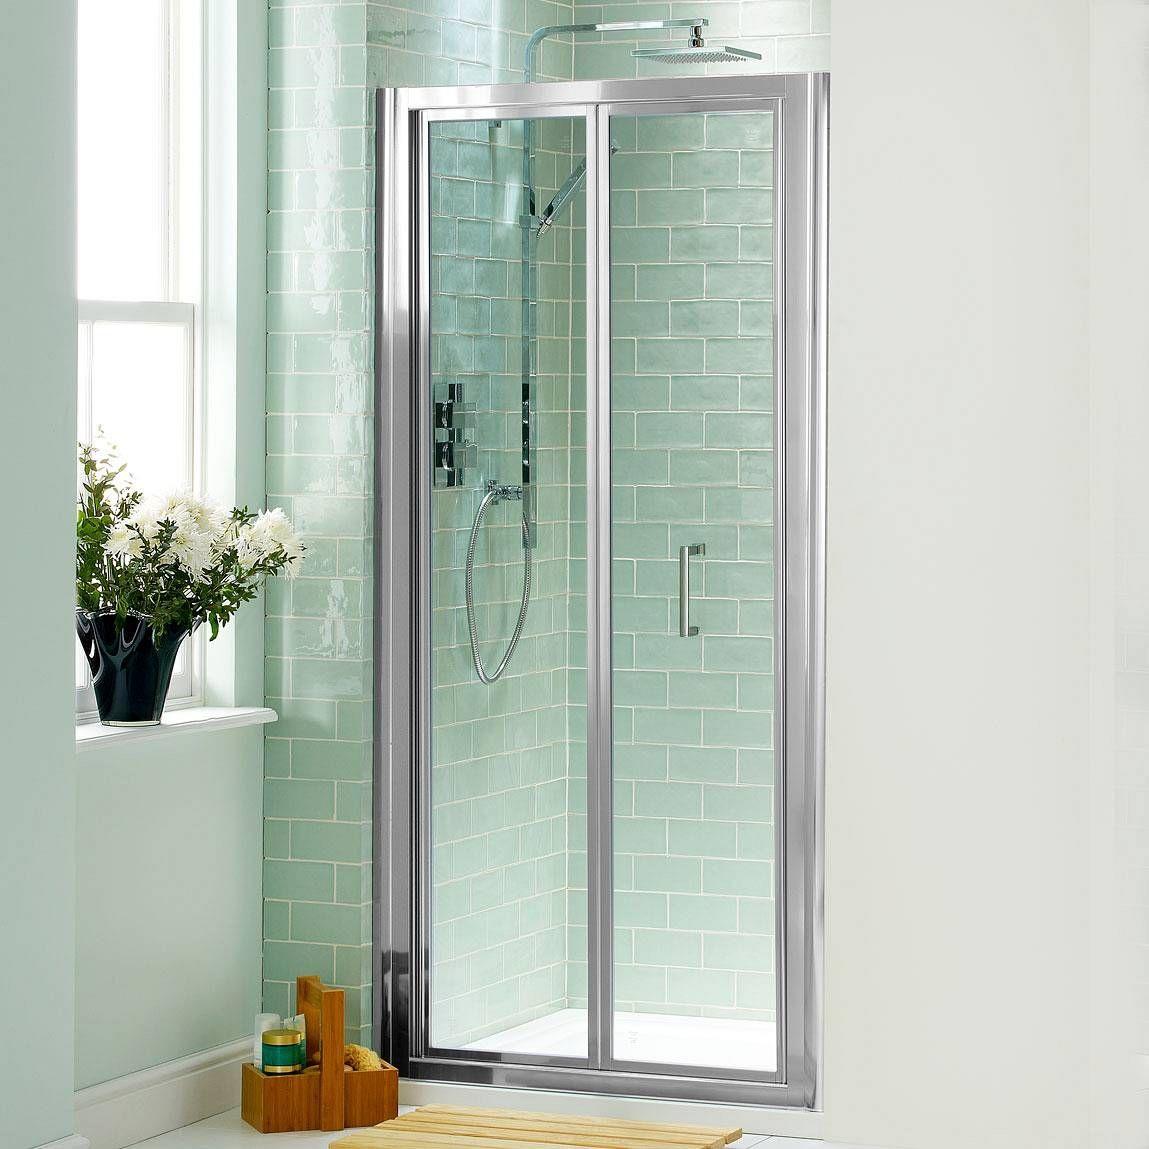 Kinkead Folding Shower Doors